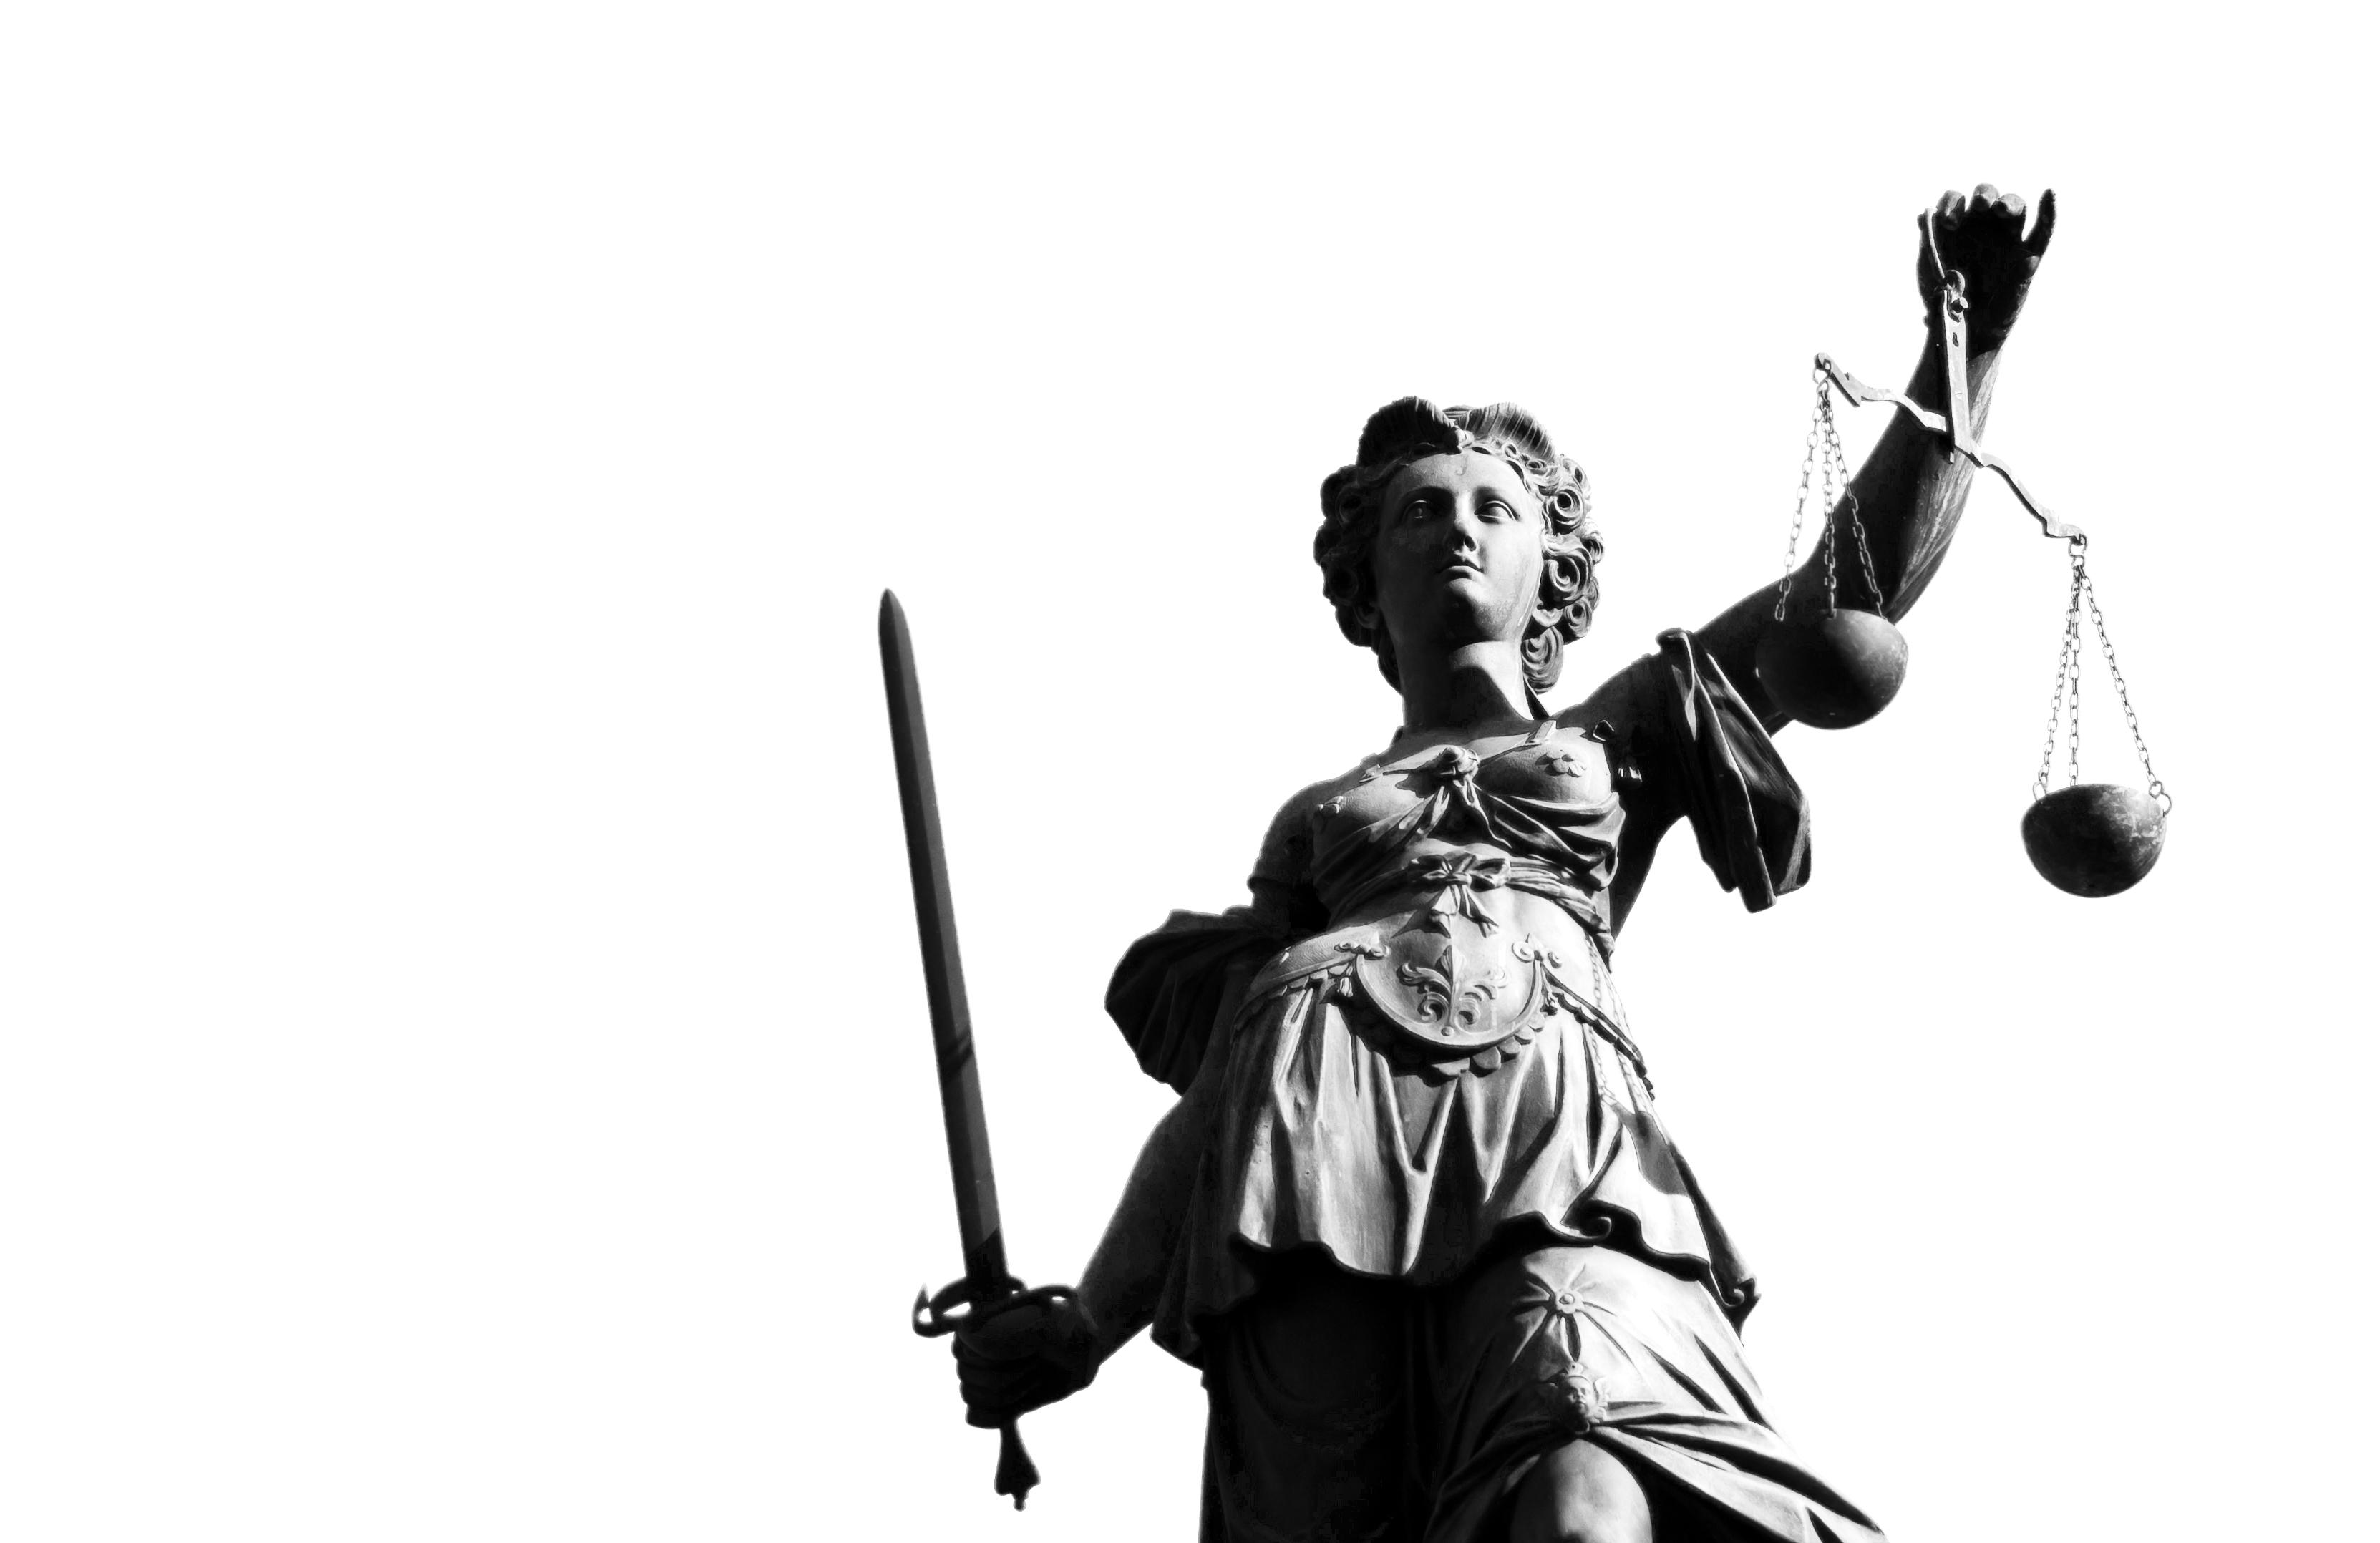 De aangifte: poging tot moord, doodslag, zware mishandeling en valsheid in geschrifte